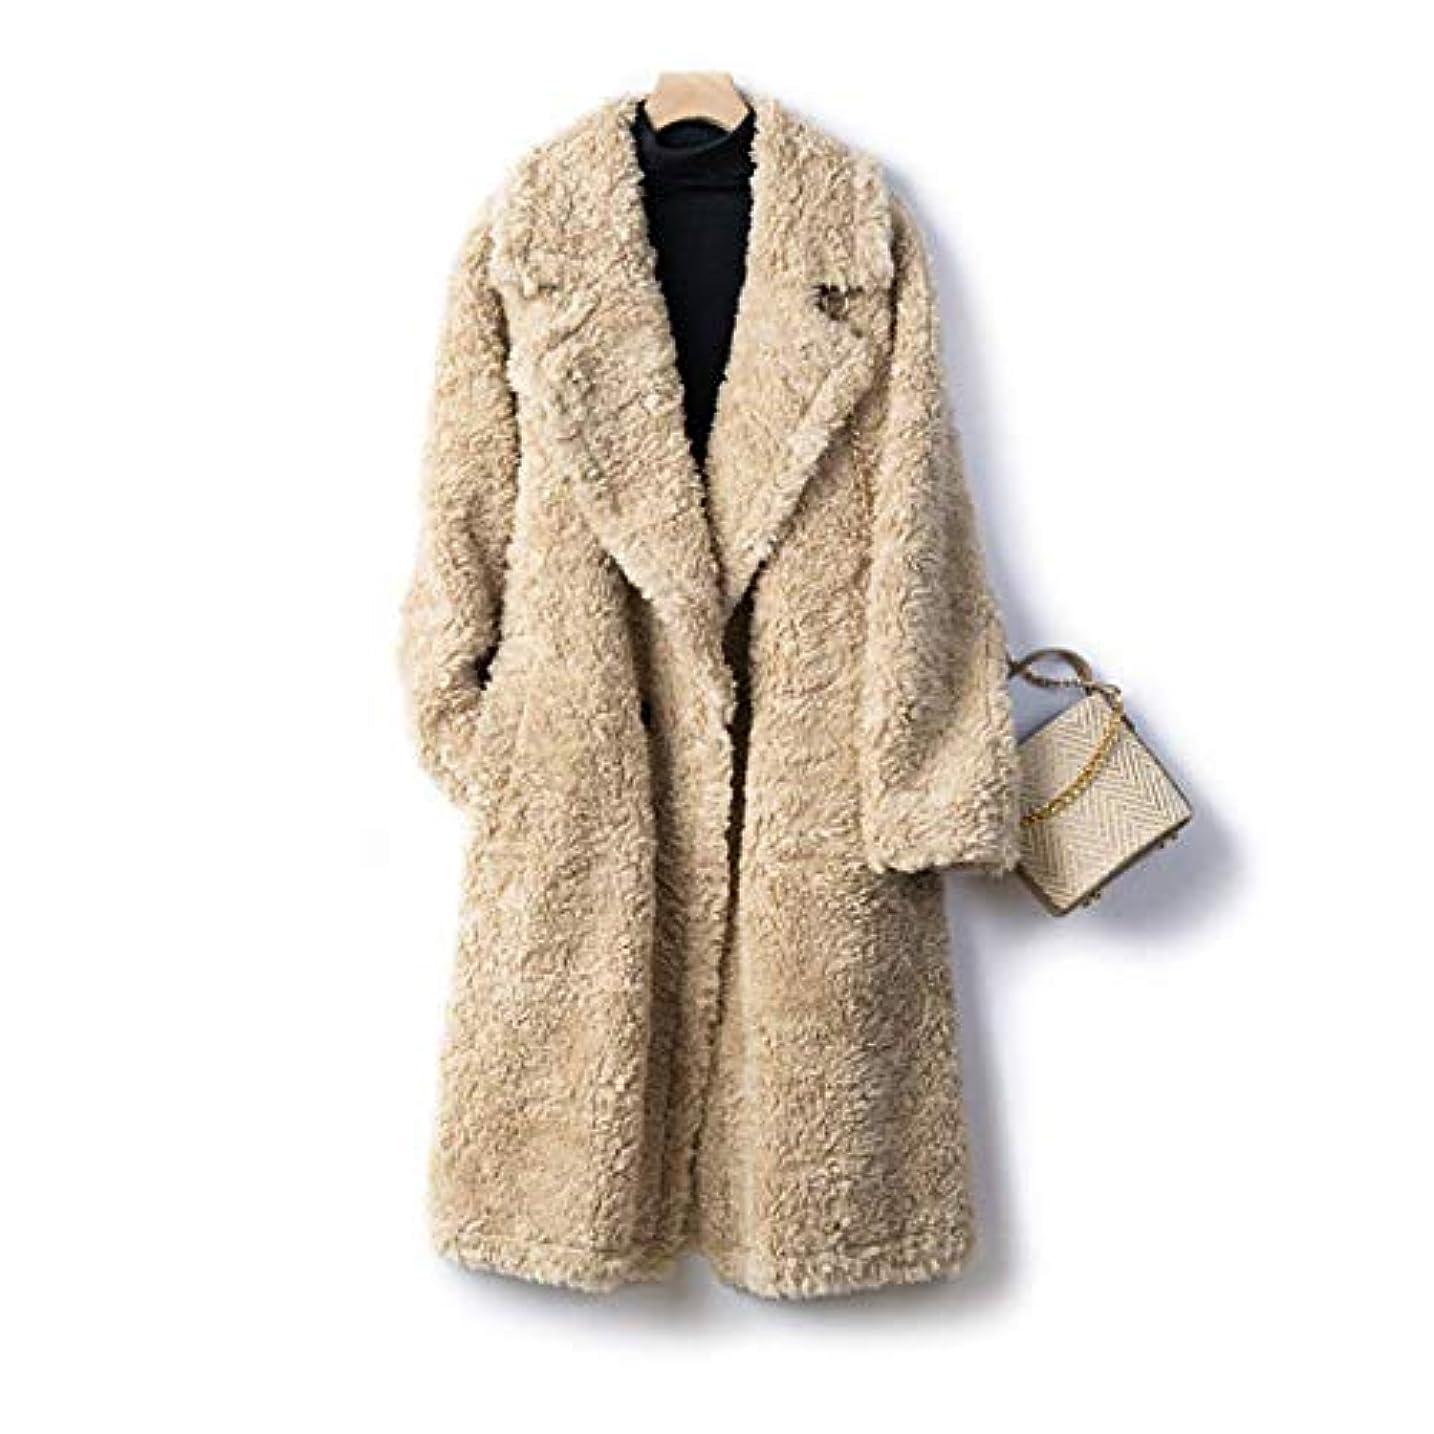 是正する崇拝するカニ厚いウールのコート、女性のコートレディースウインドブレーカージャケット厚い羊のせん断顆粒ロングコートの女性のウールコート19秋と冬の婦人服,A,M